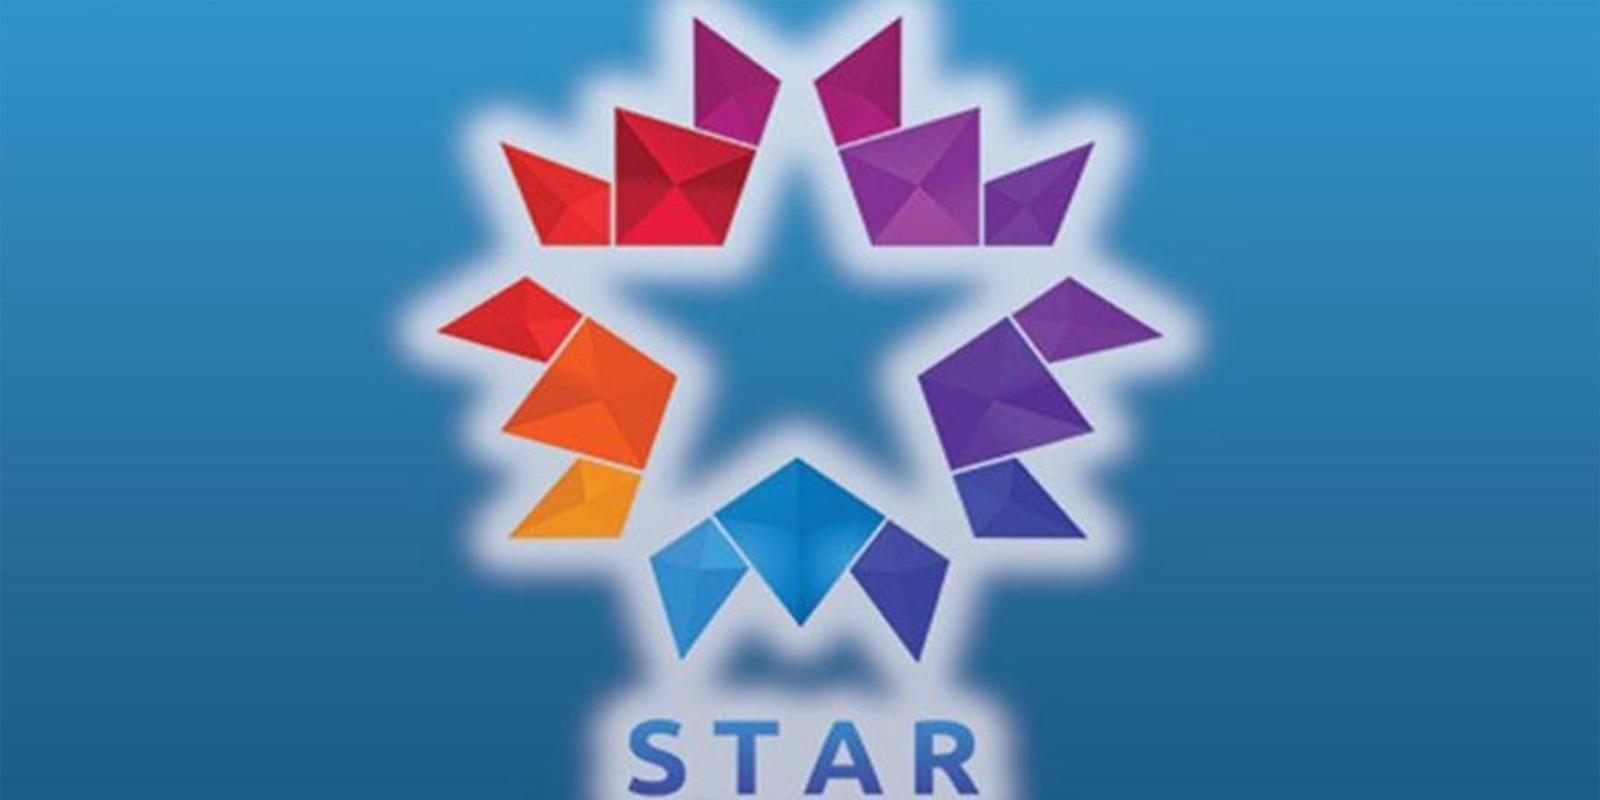 8 Mayıs 2021 Cumartesi Star TV Yayın Akışı| Görevimiz Tehlike: Yansımalar Star'da